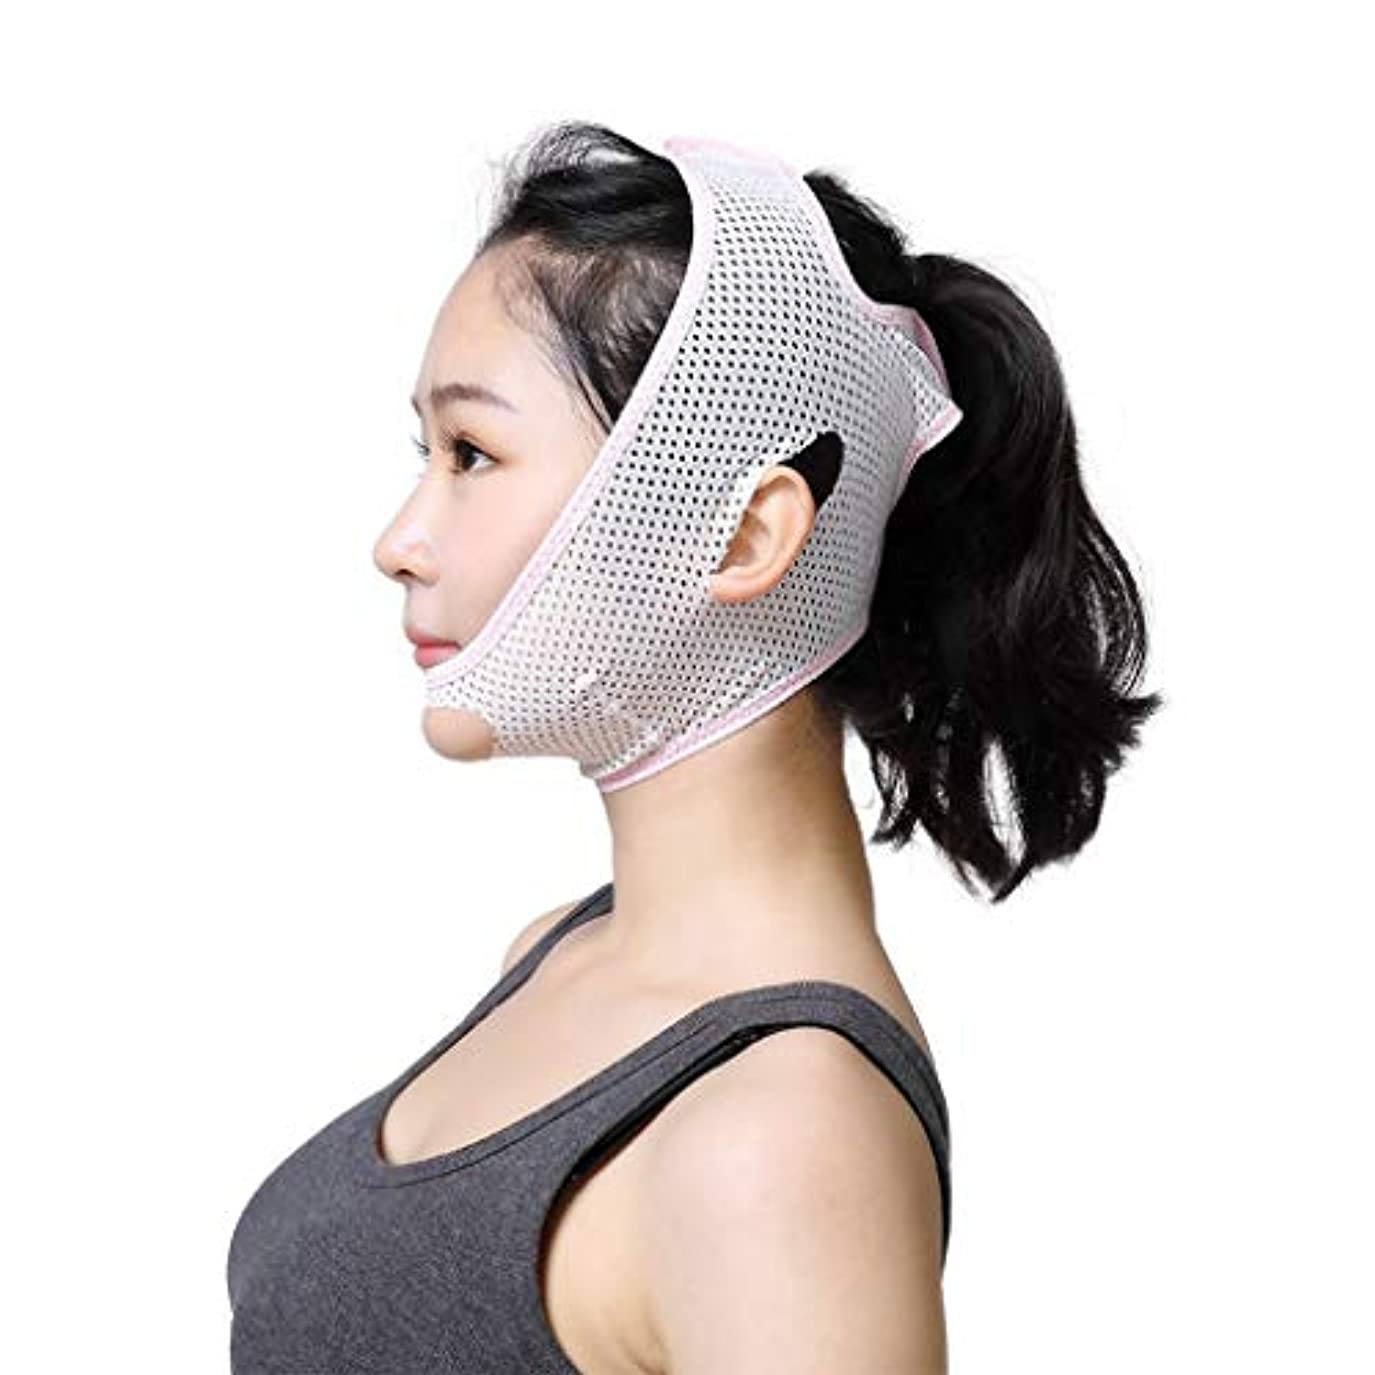 アラバマ比べる有害顔の減量睡眠包帯顔補正美容マスクダブルあごユニセックスに